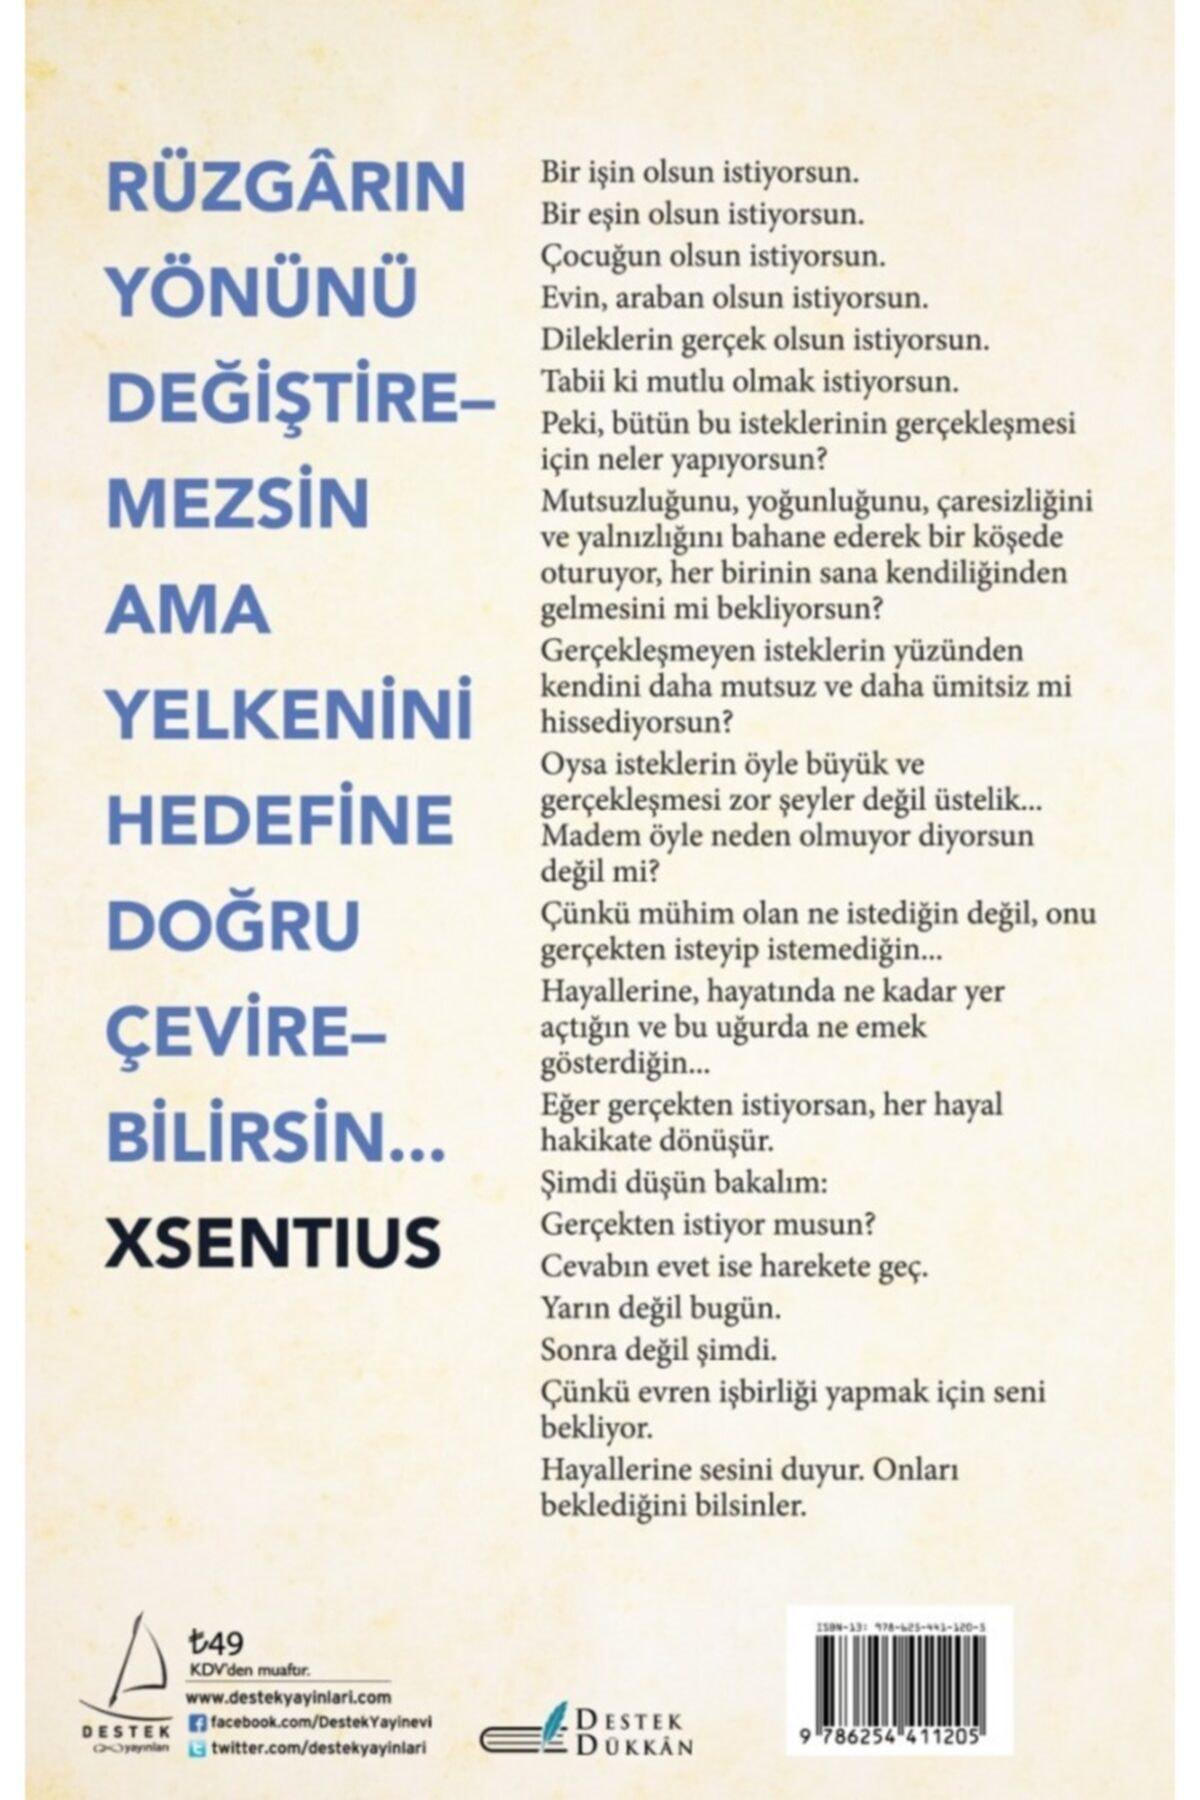 Destek Yayınları - Gerçekten Istiyor Musun? / Anette Inselberg 2